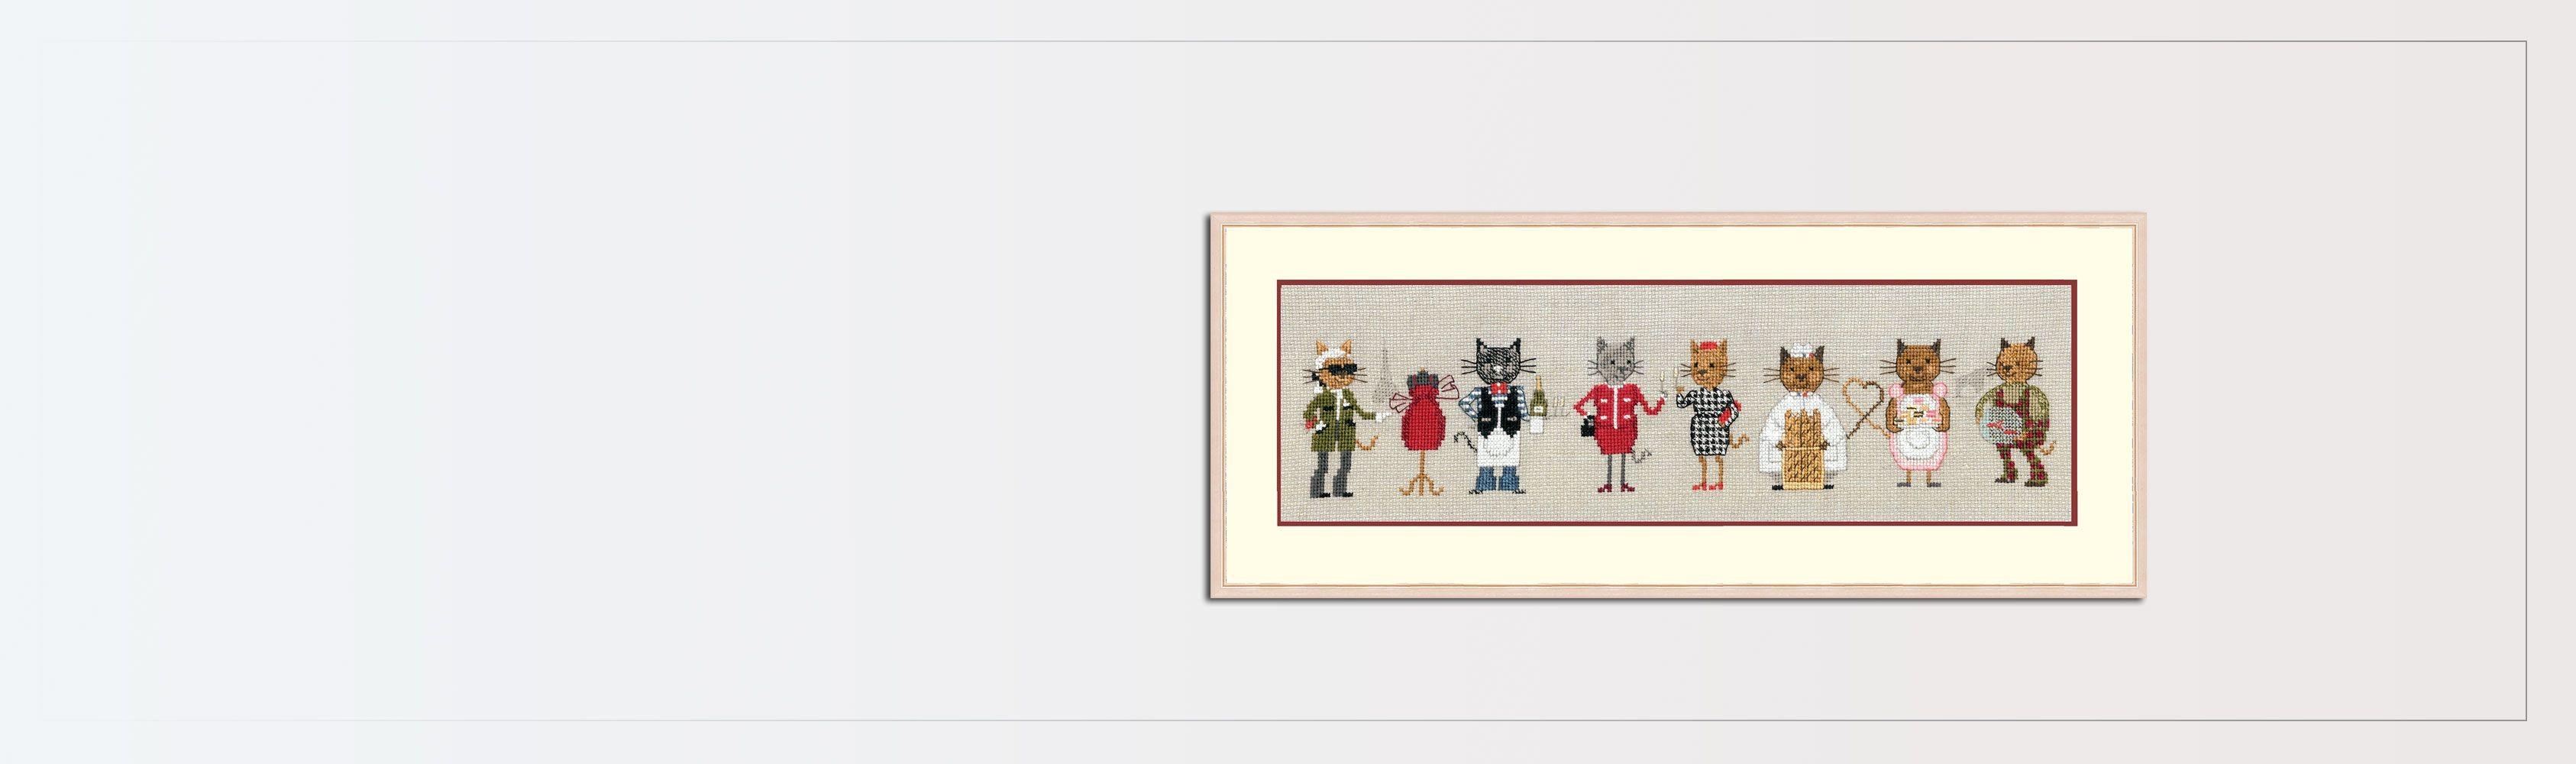 Frise de chats parisiens. Le Bonheur des Dames. Référence 1090